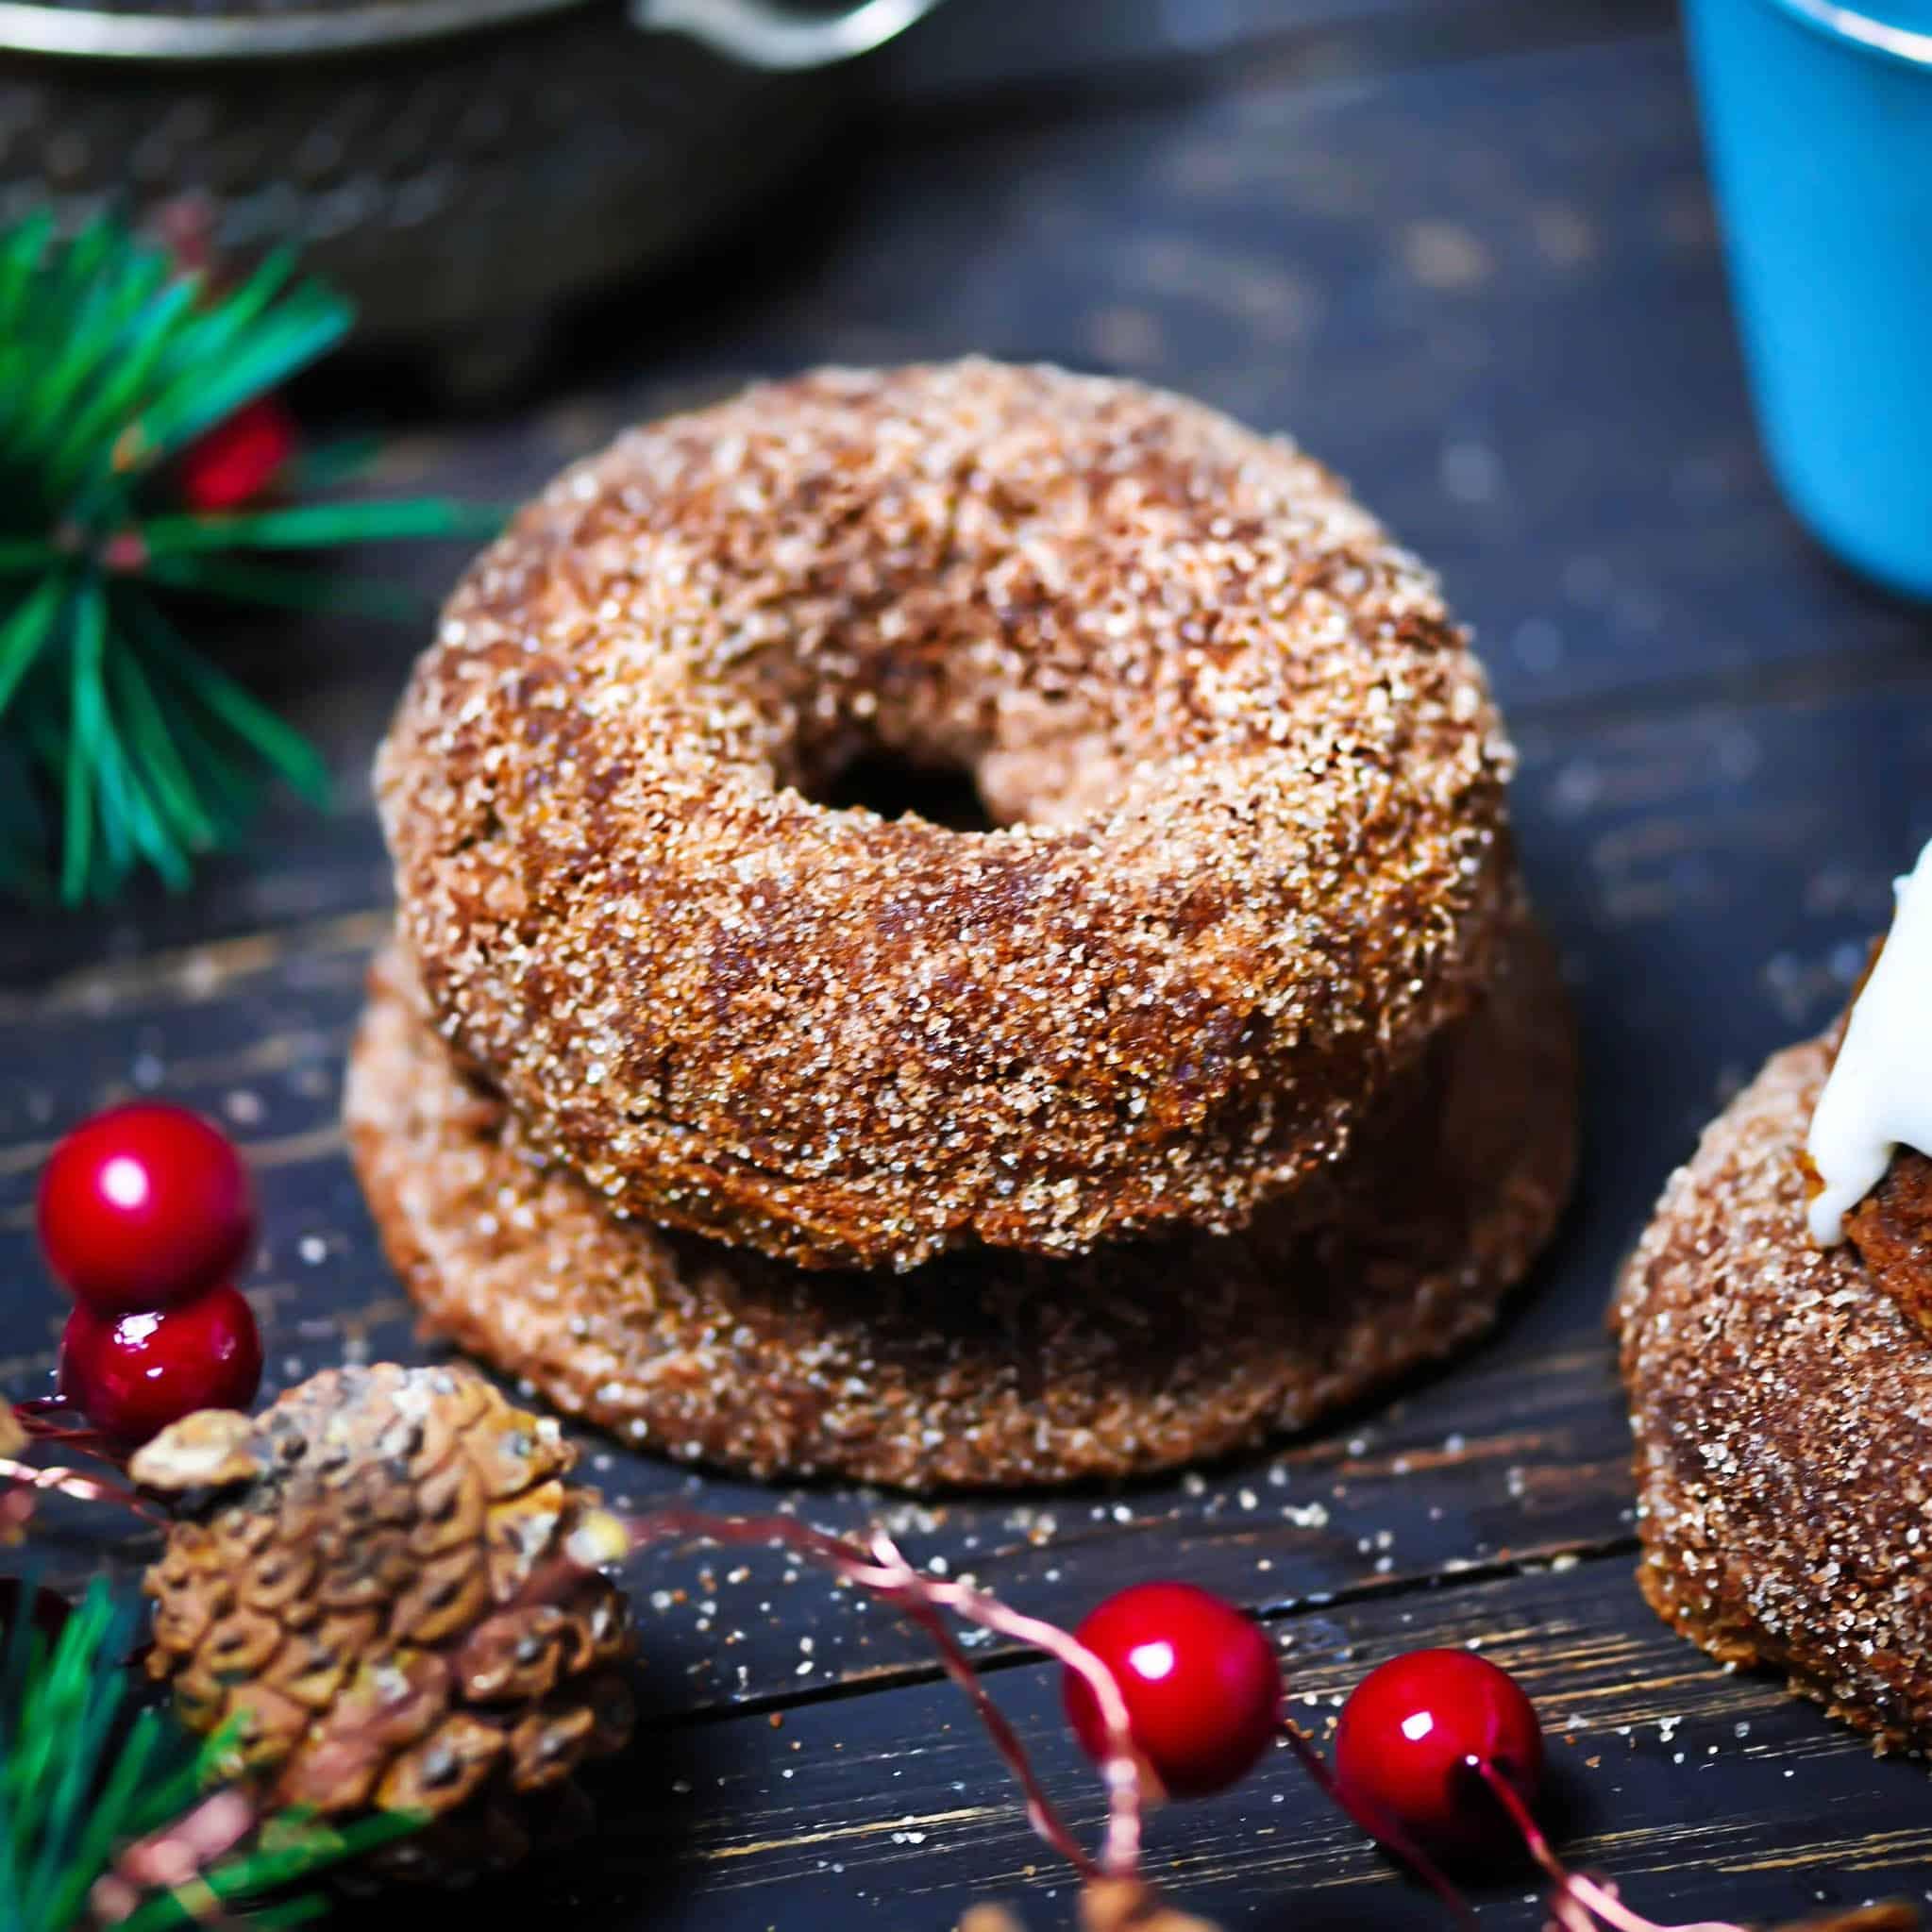 Molasses Donuts in cinnamon coconut sugar